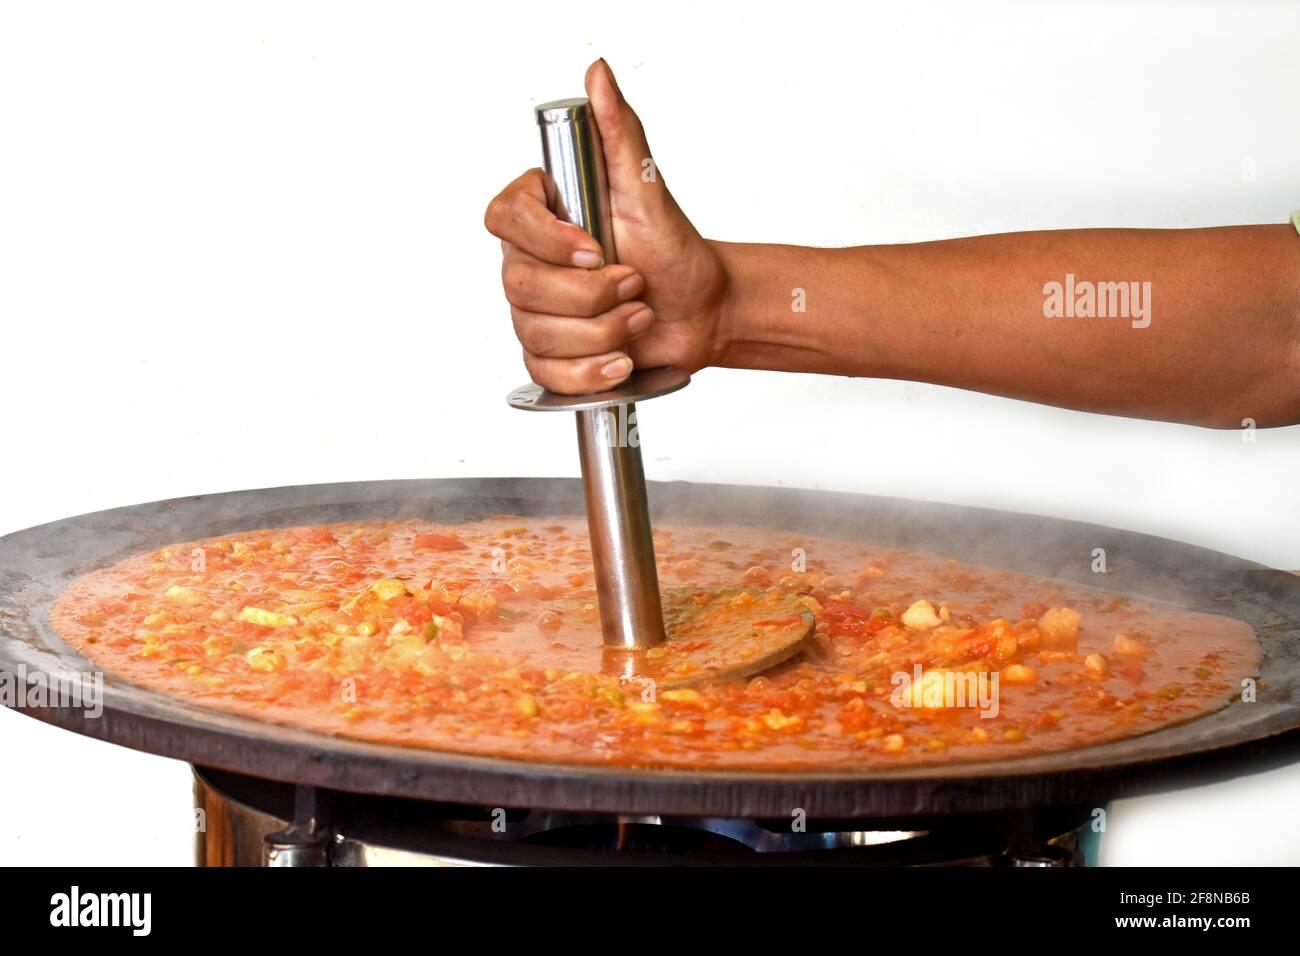 PAV Bhaji cocido en las calles de la India, India Mumbai comida Pav bhaji, Pav Bhaji es un plato de comida rápida, curry vegetal espeso y picante, Foto de stock